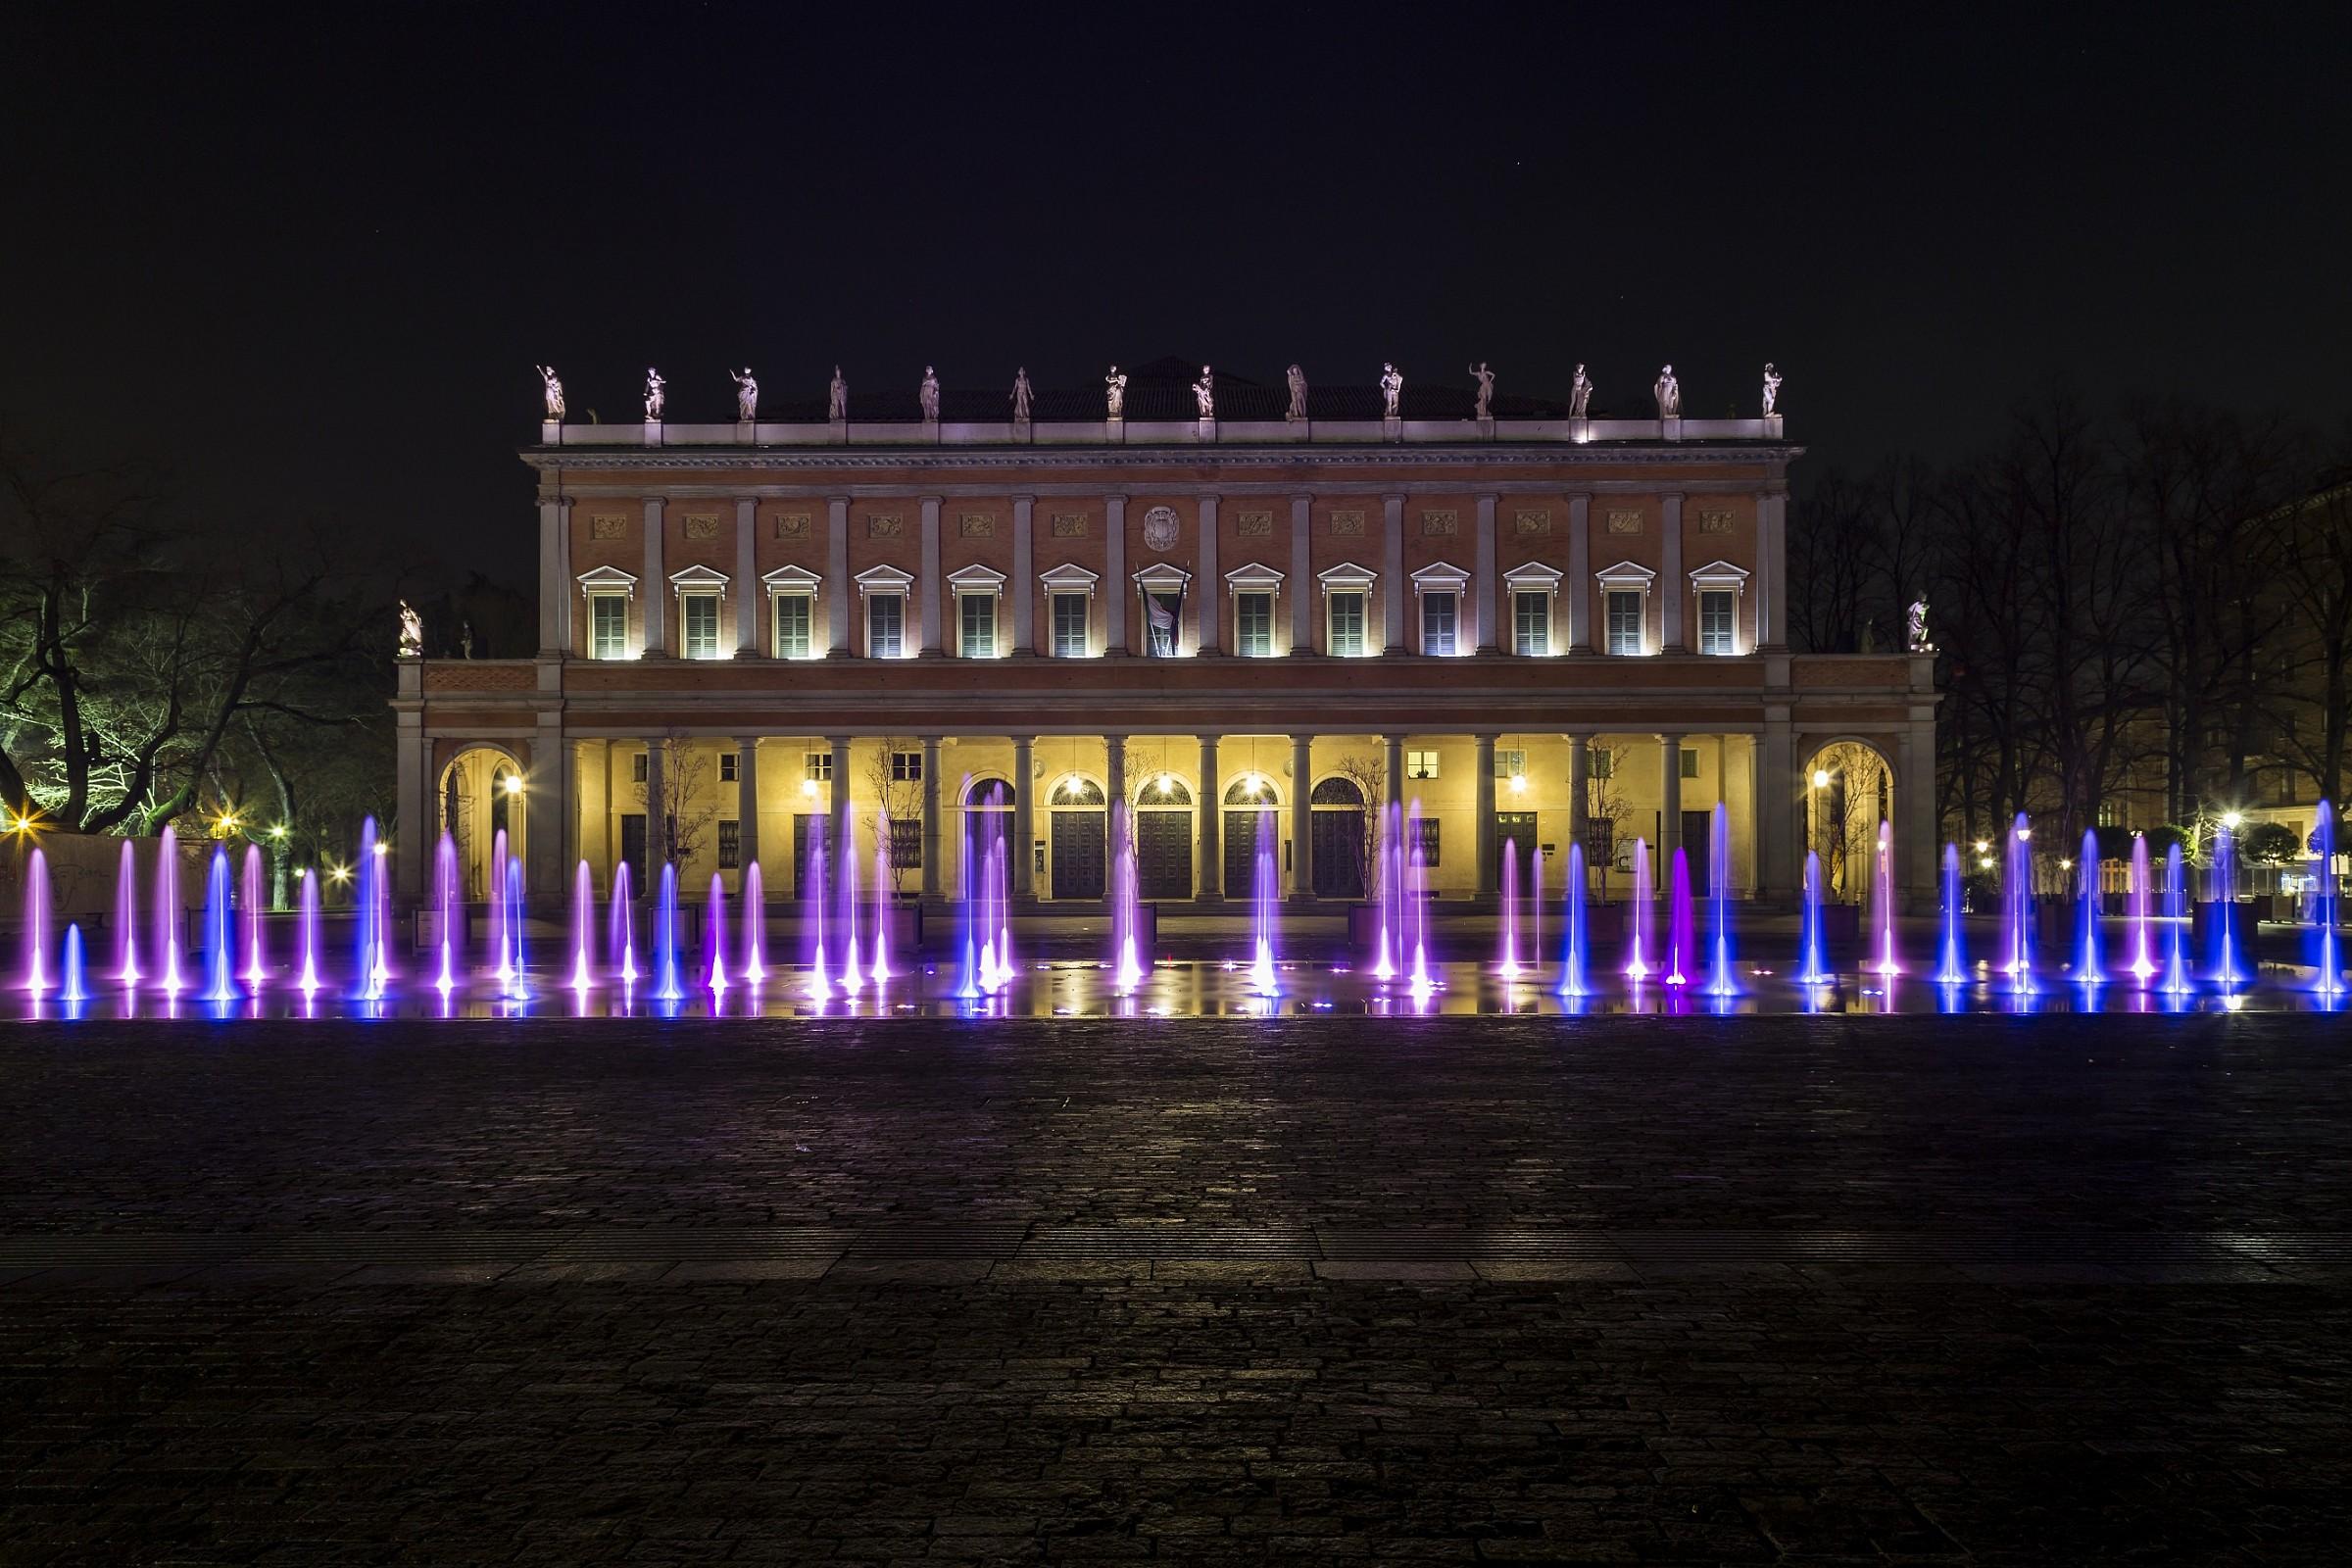 Teatro municipale e fontana Reggio Emilia...